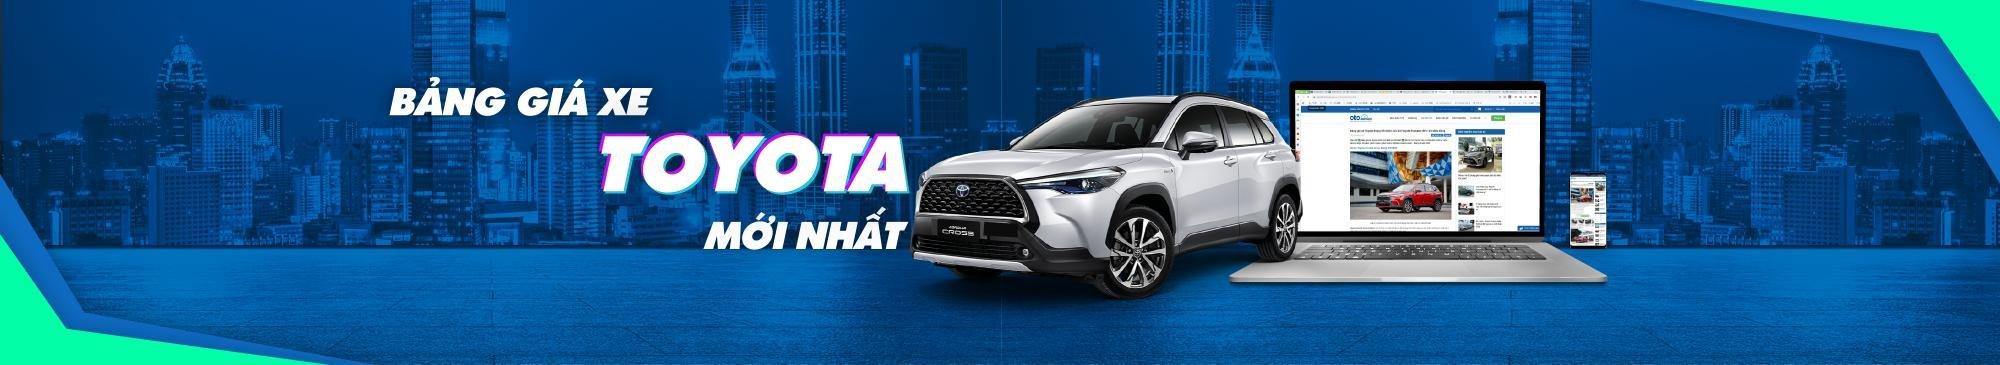 Bảng giá xe Toyota mới nhất